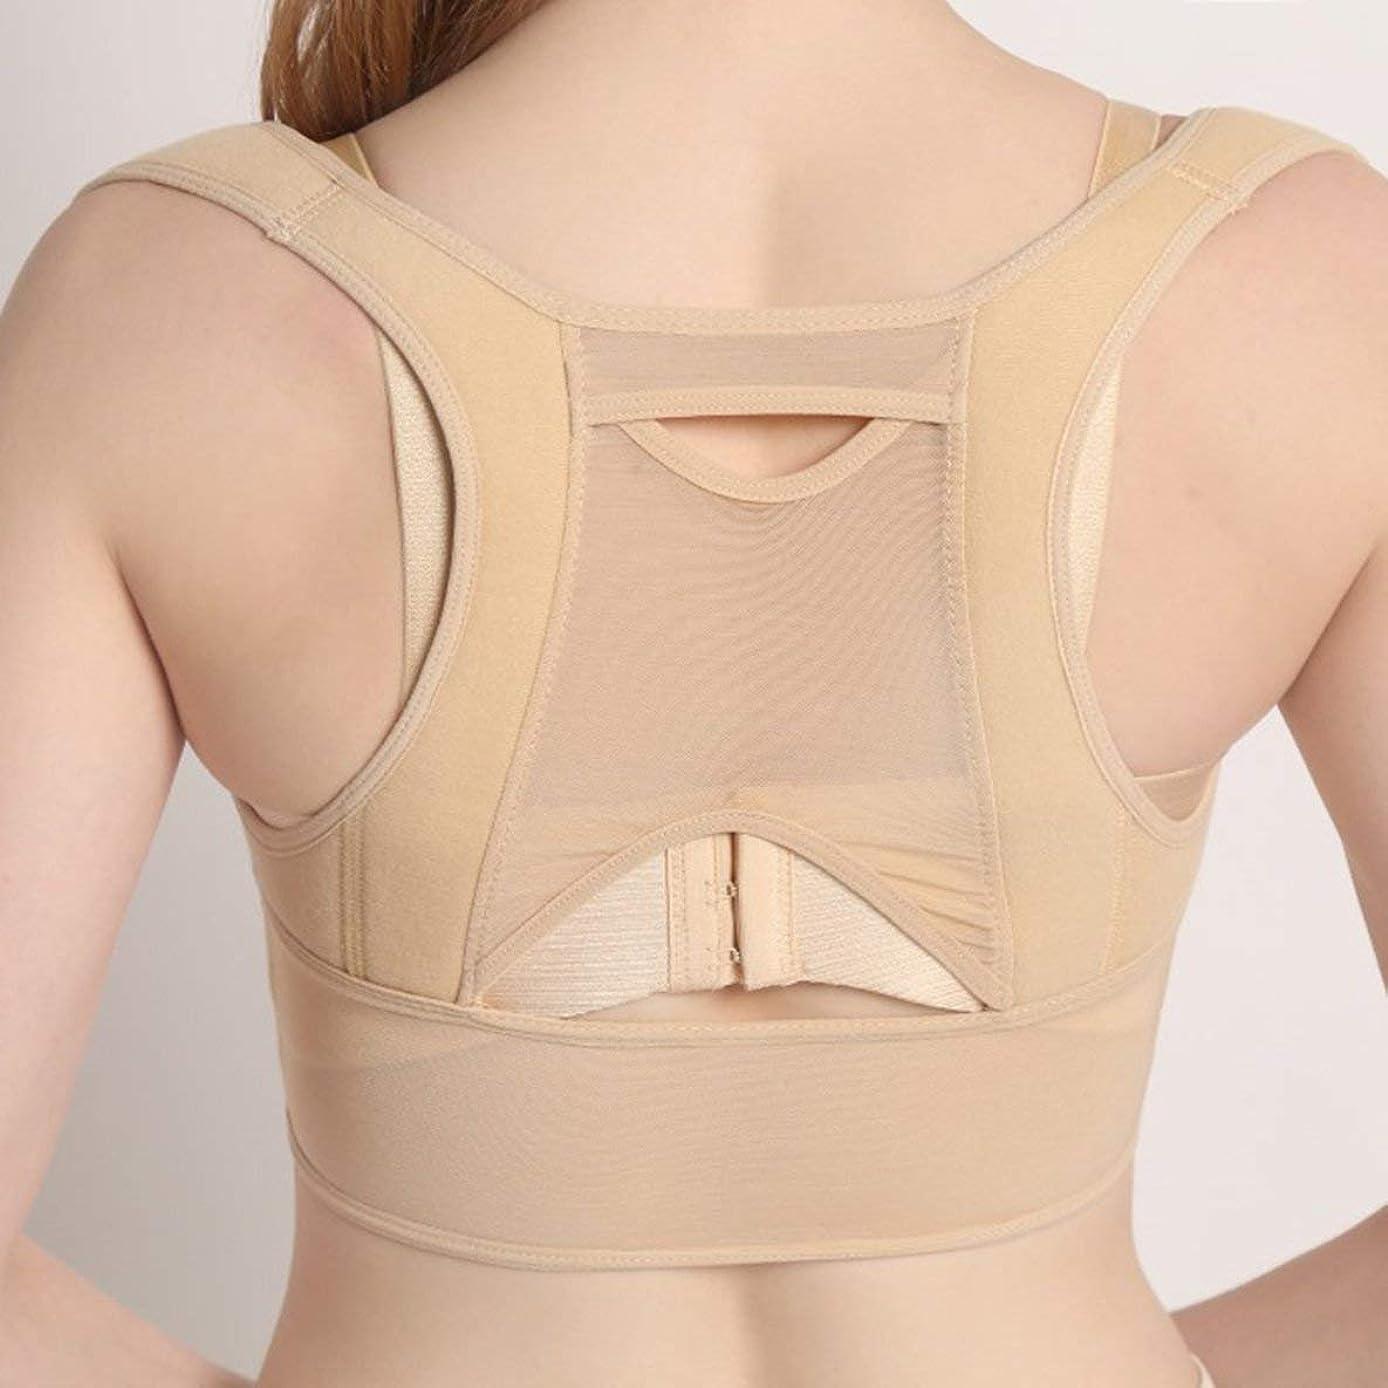 シェード内陸許可Birdlantern 女性の背中の姿勢矯正コルセット整形外科の背中の上部の肩背骨姿勢矯正腰椎サポート